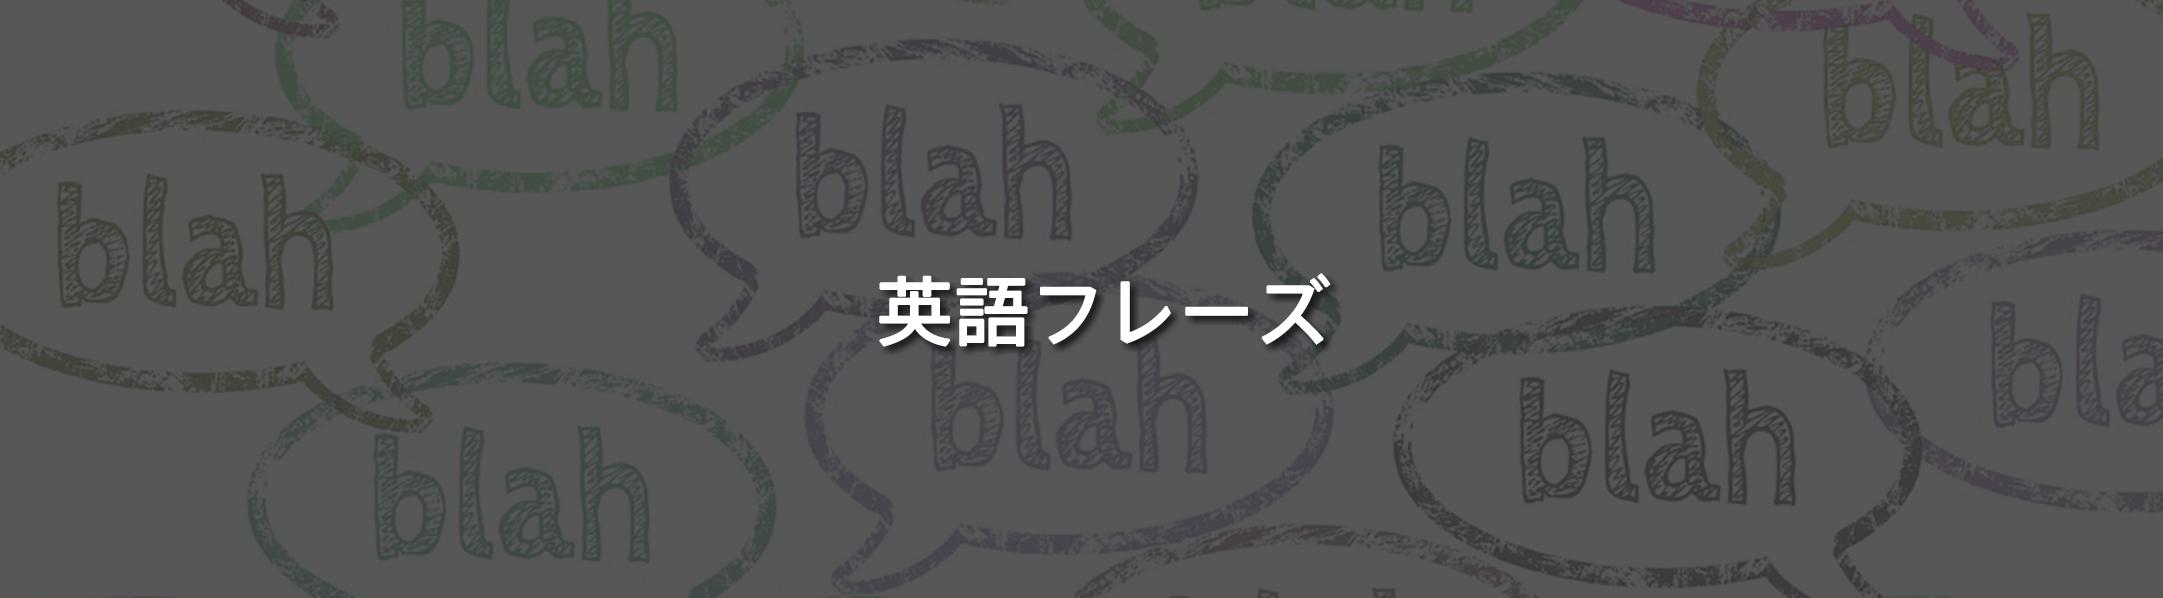 英語フレーズのイメージ